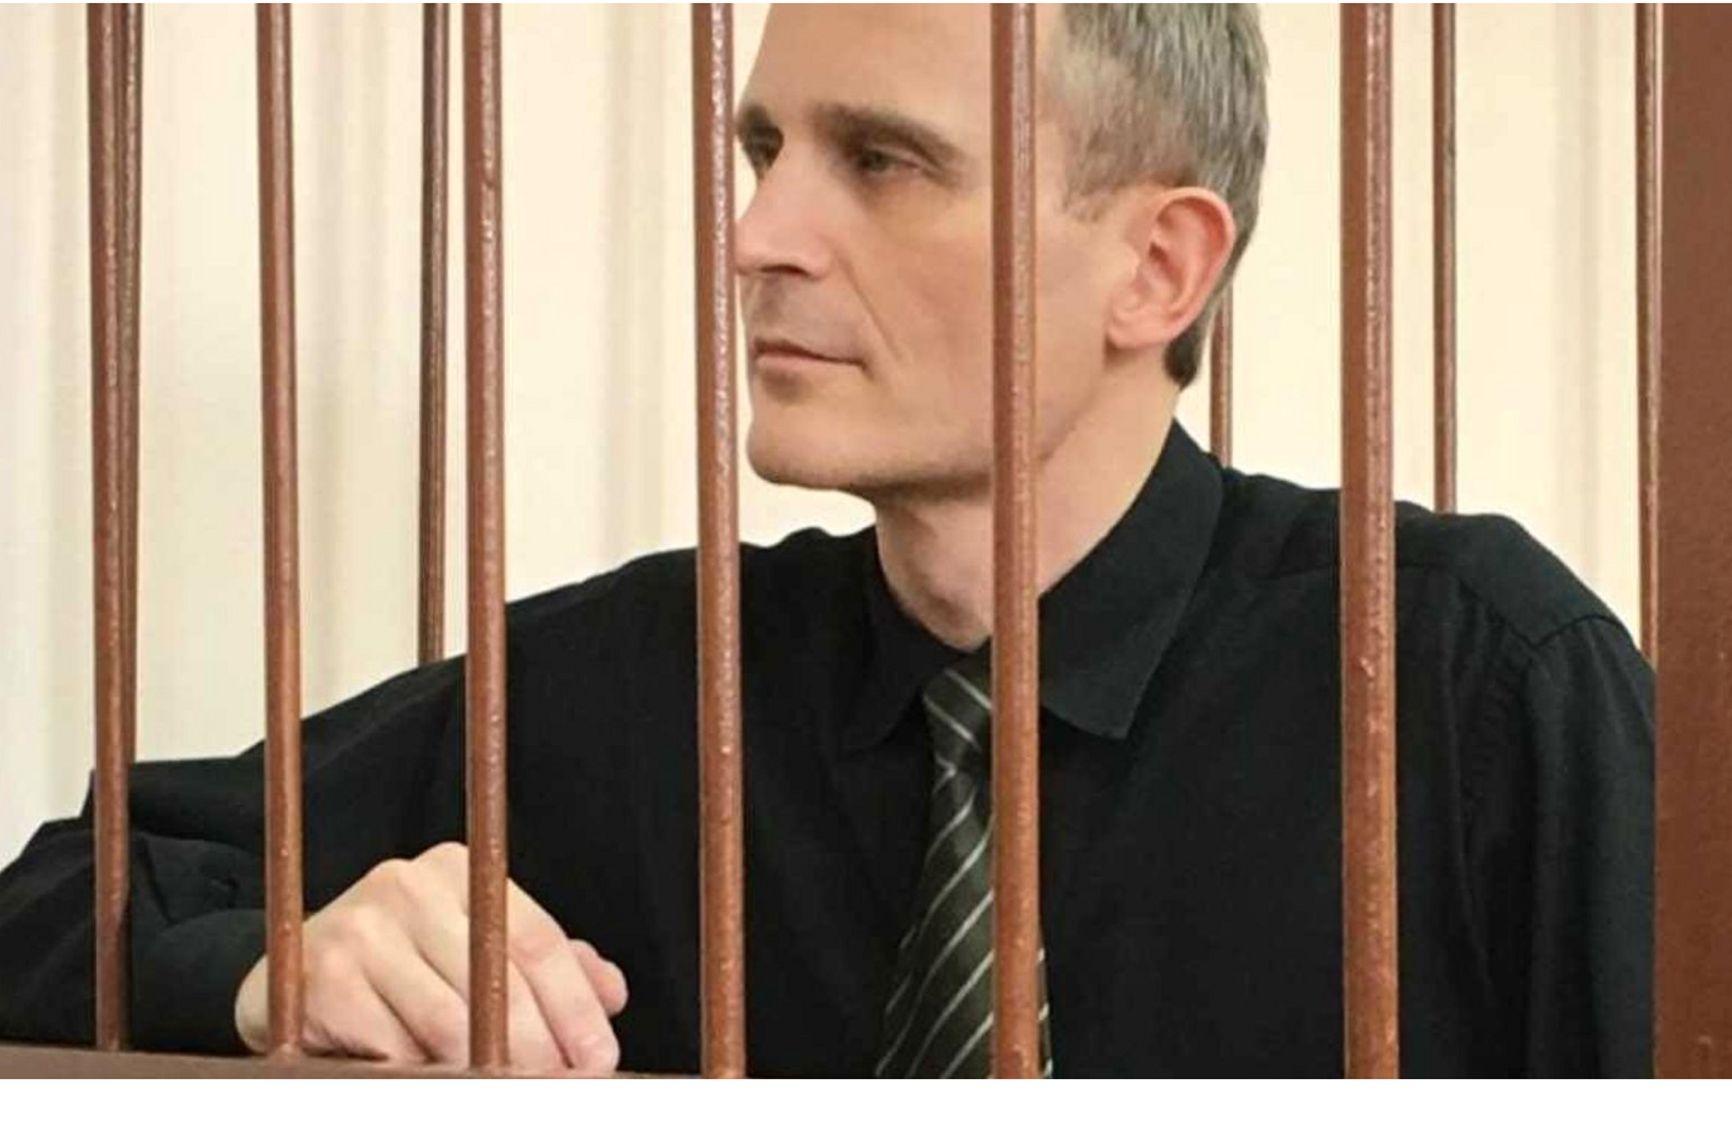 Danish citizen Dennis Kristensen had lived in Russia since 2000